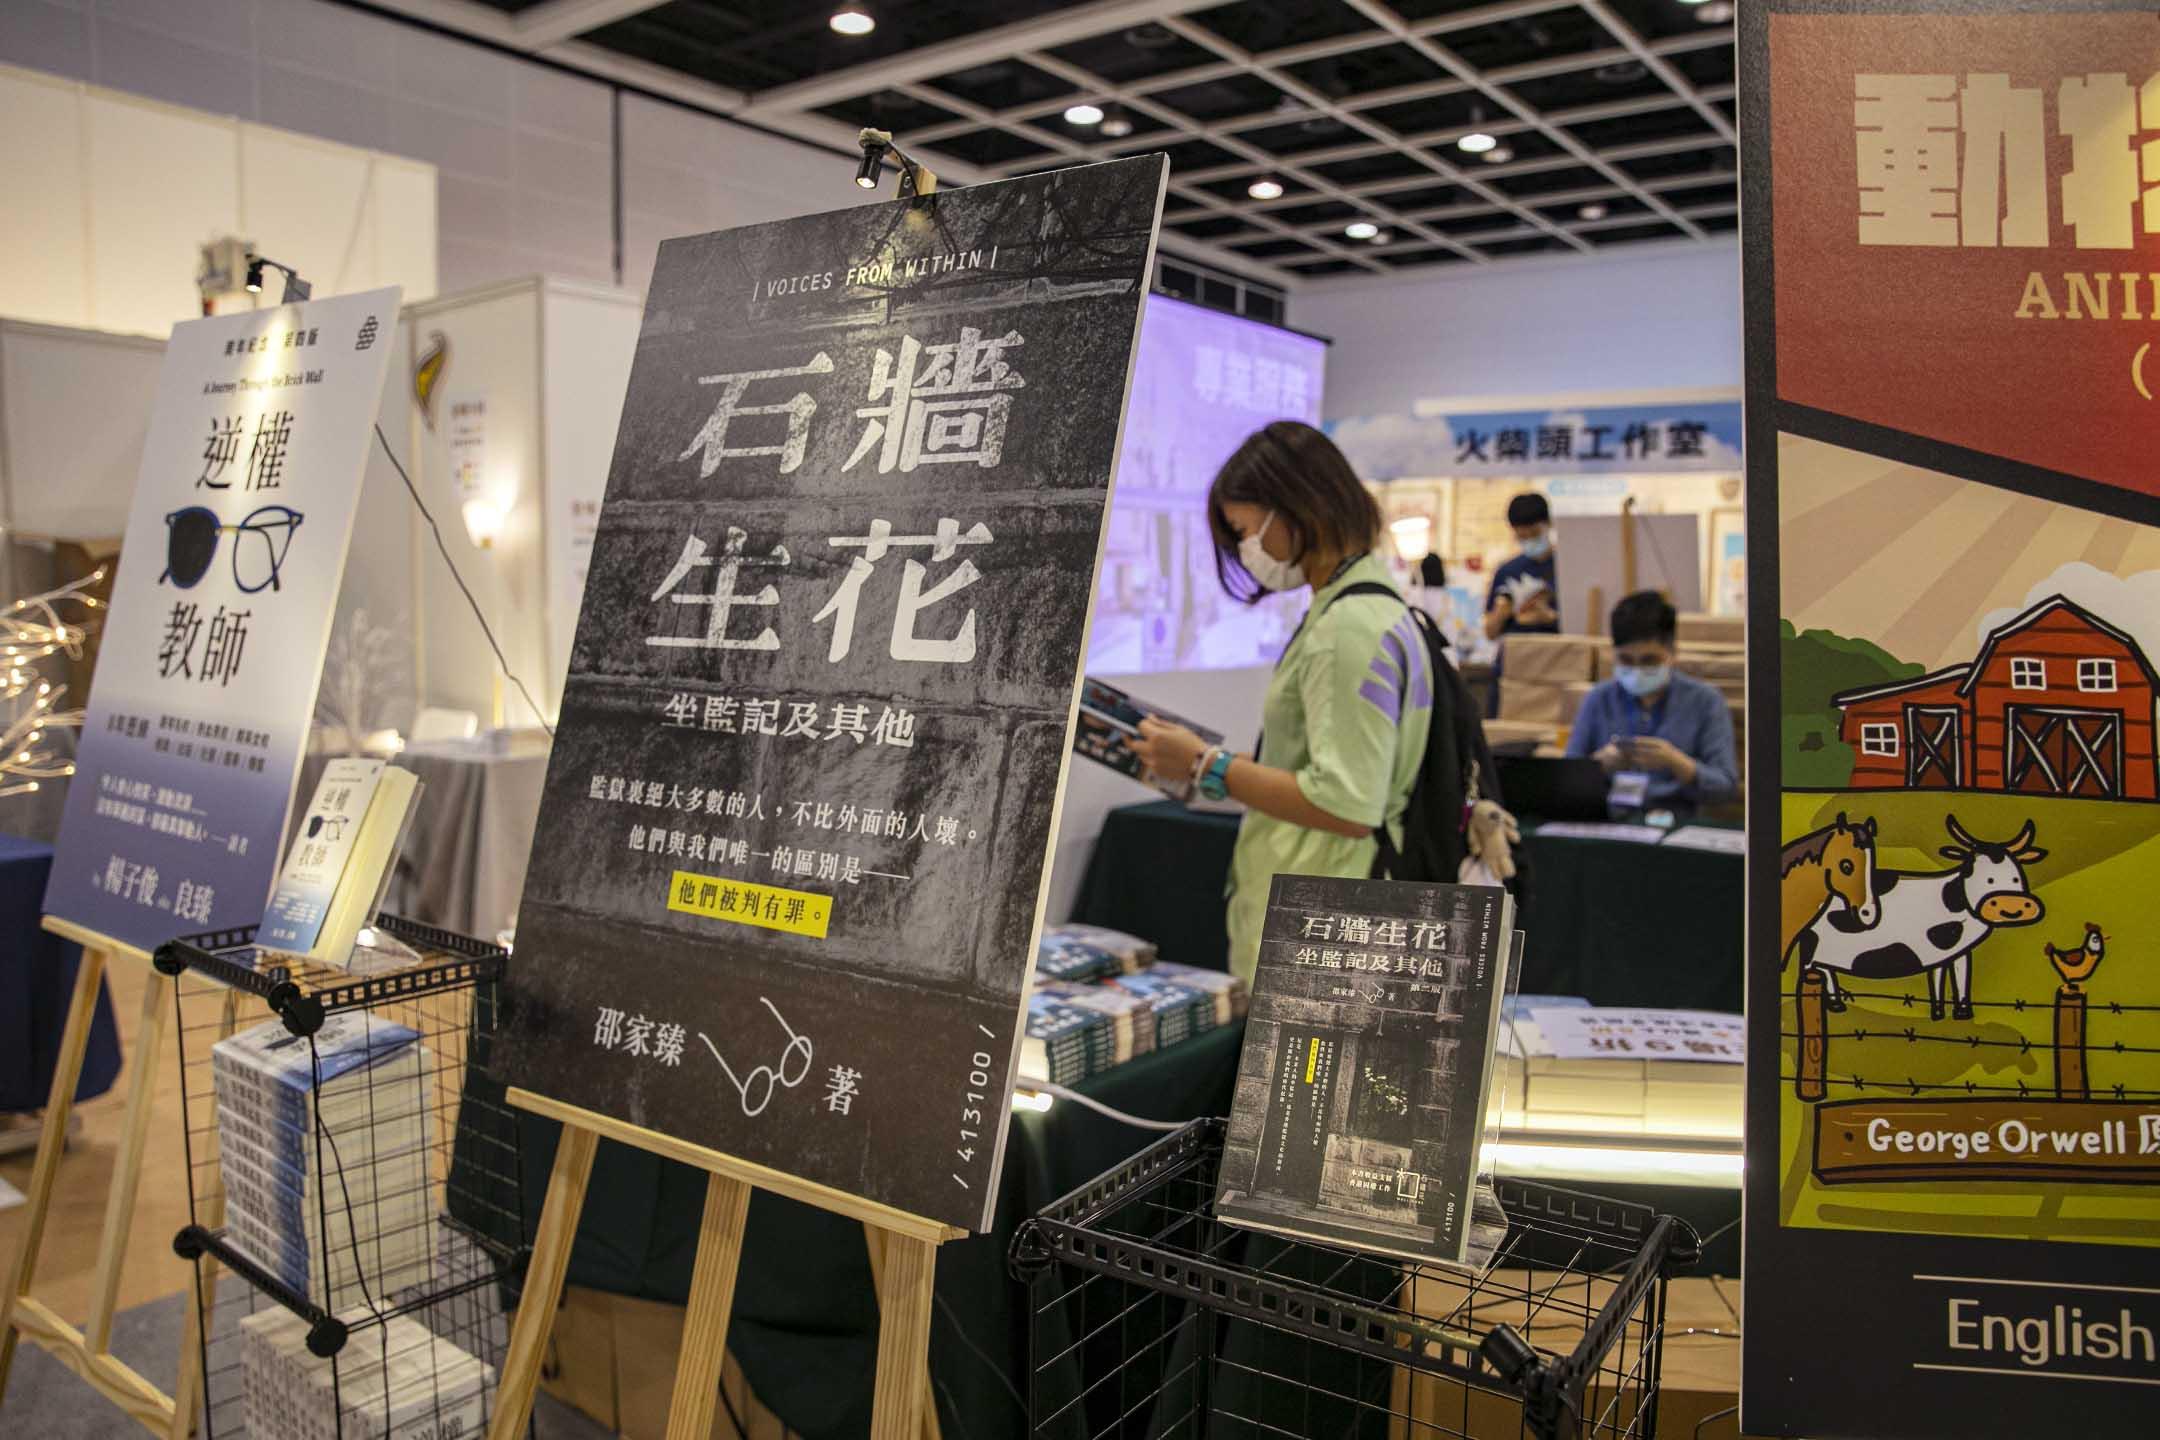 2021年7月14日香港書展,參展書商山道文化的攤檔。 攝:陳焯煇/端傳媒